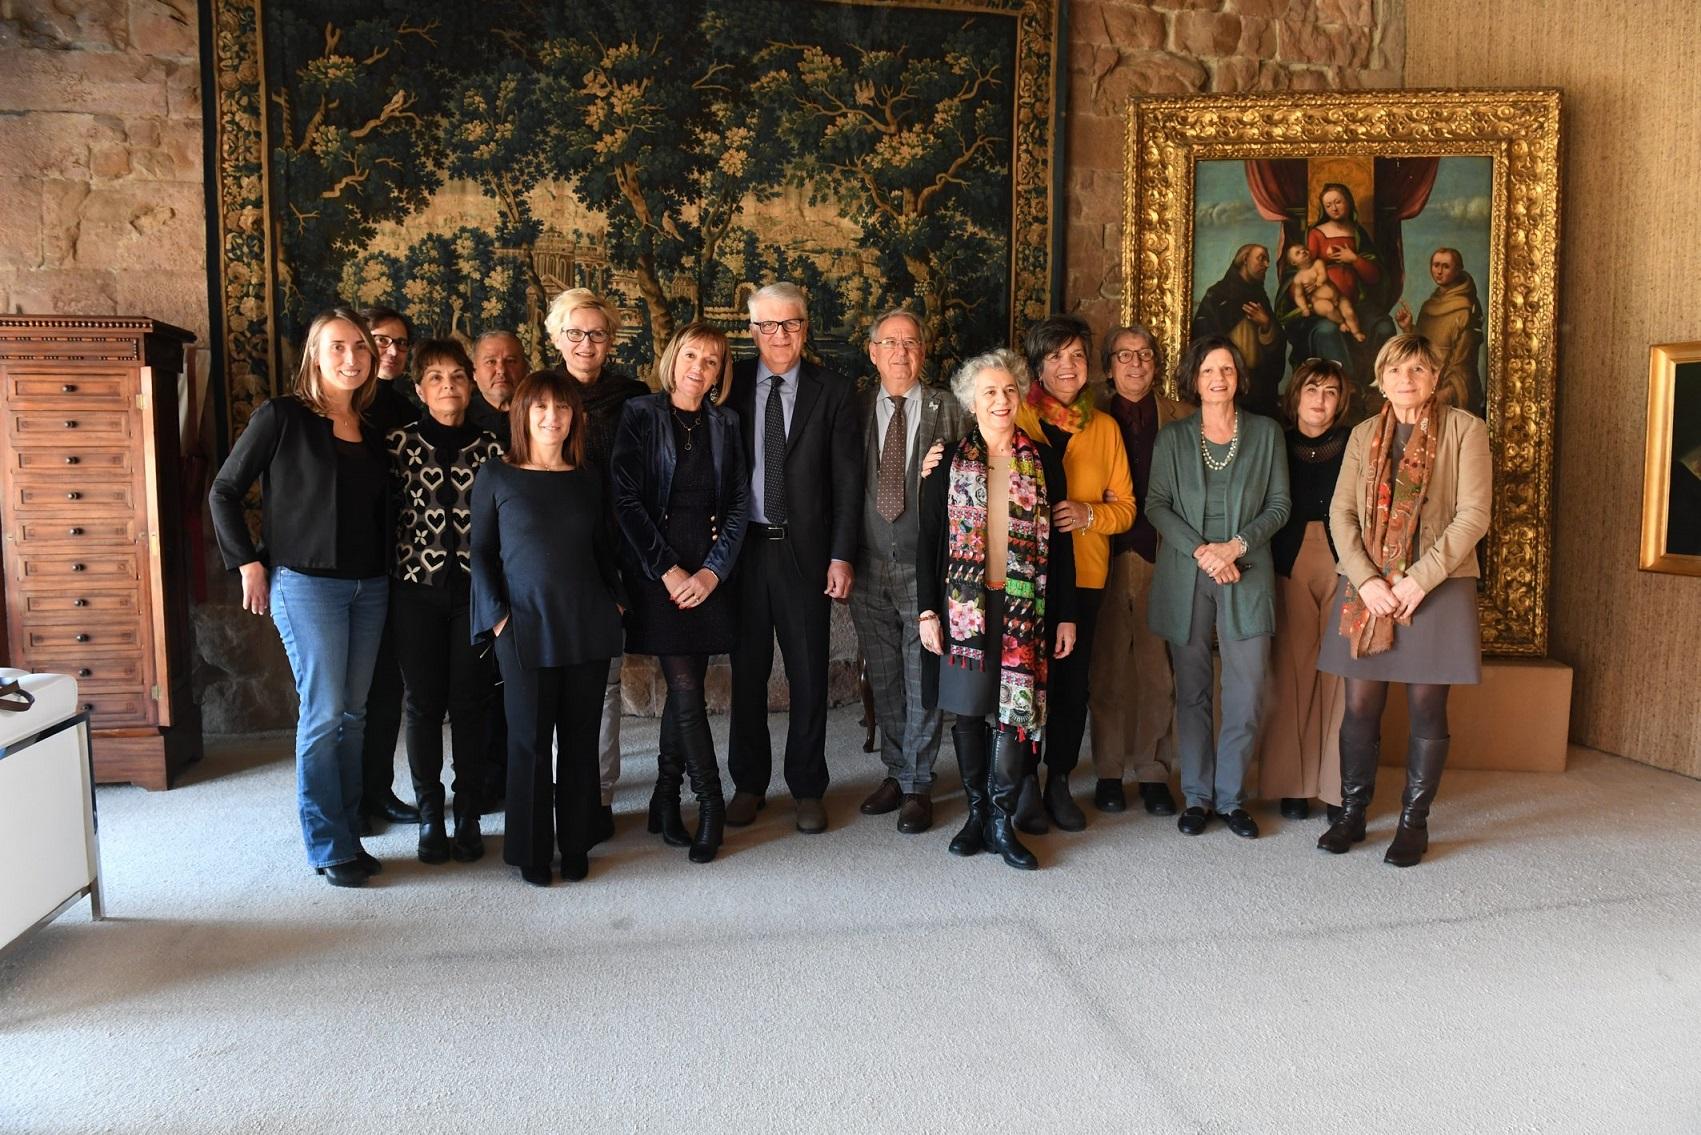 Un concorso per i 200 anni della scuola statale di Maria Luisa di Borbone